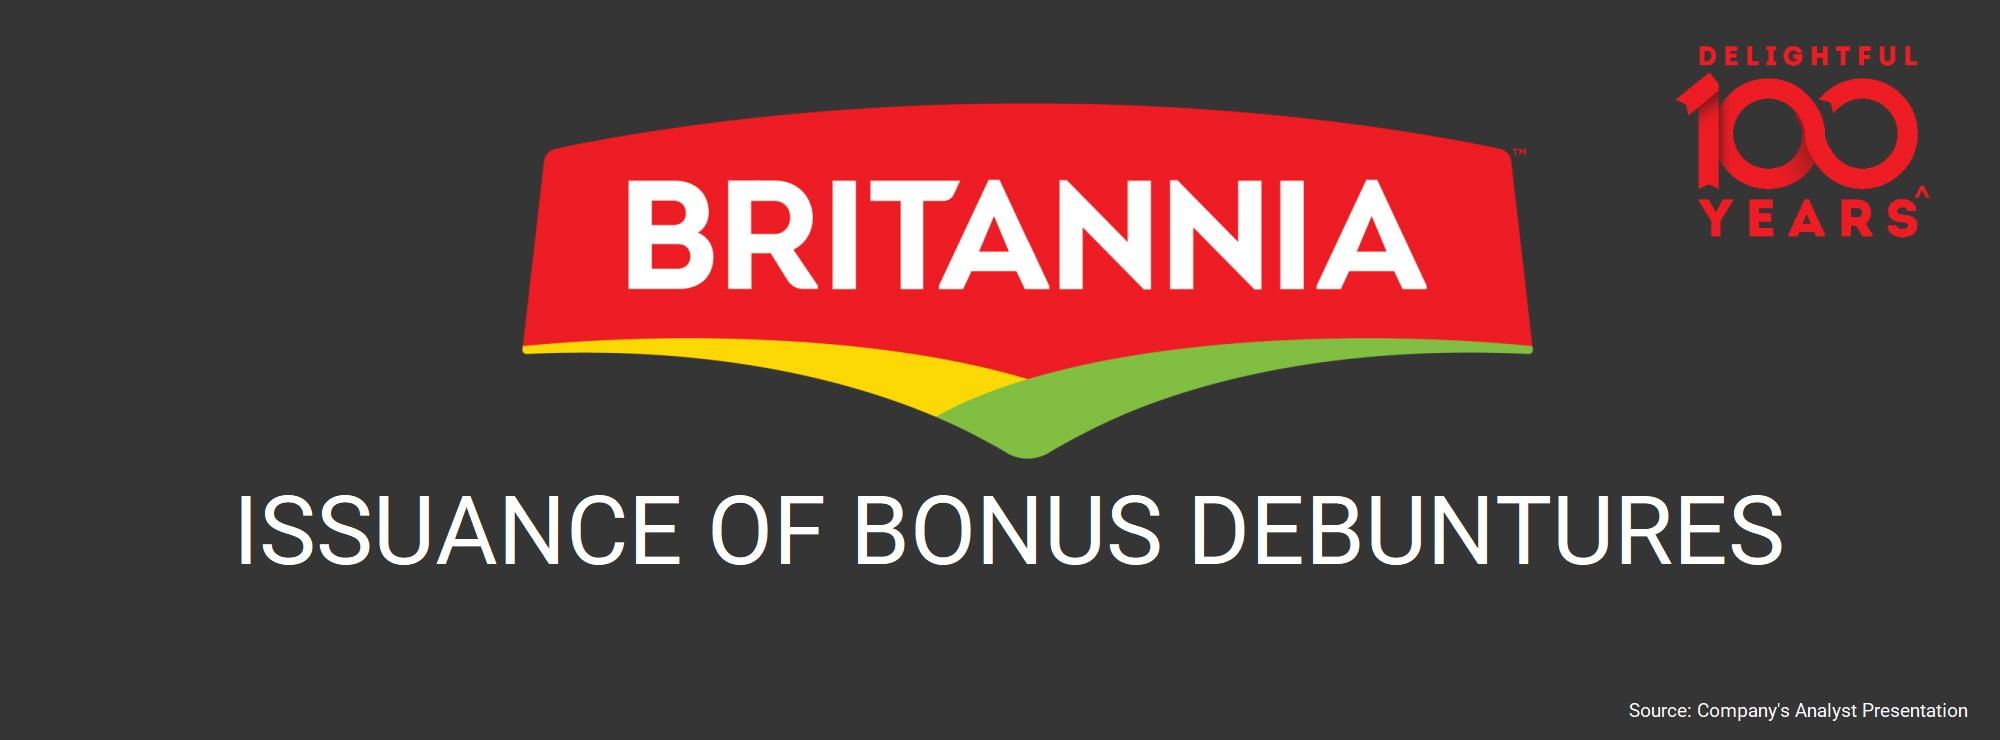 Britannia-Industries-100-year-Bonus-Debuntures